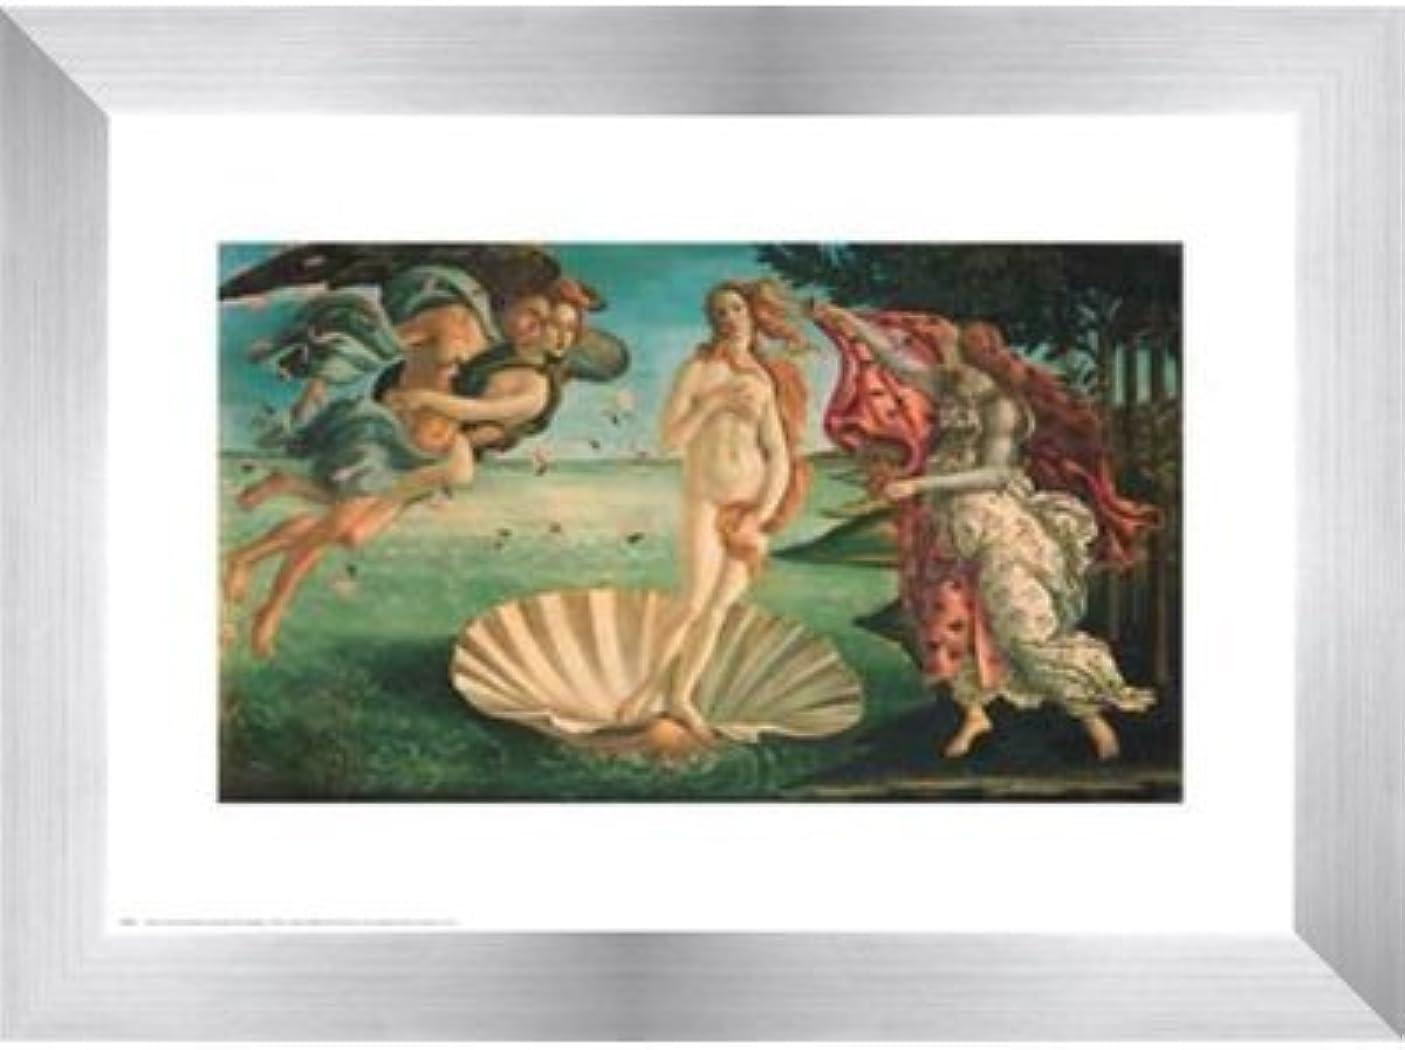 促進する機構まっすぐBirth of Venus by Sandro Botticelli – 10 x 8インチ – アートプリントポスター LE_28409-F9935-10x8